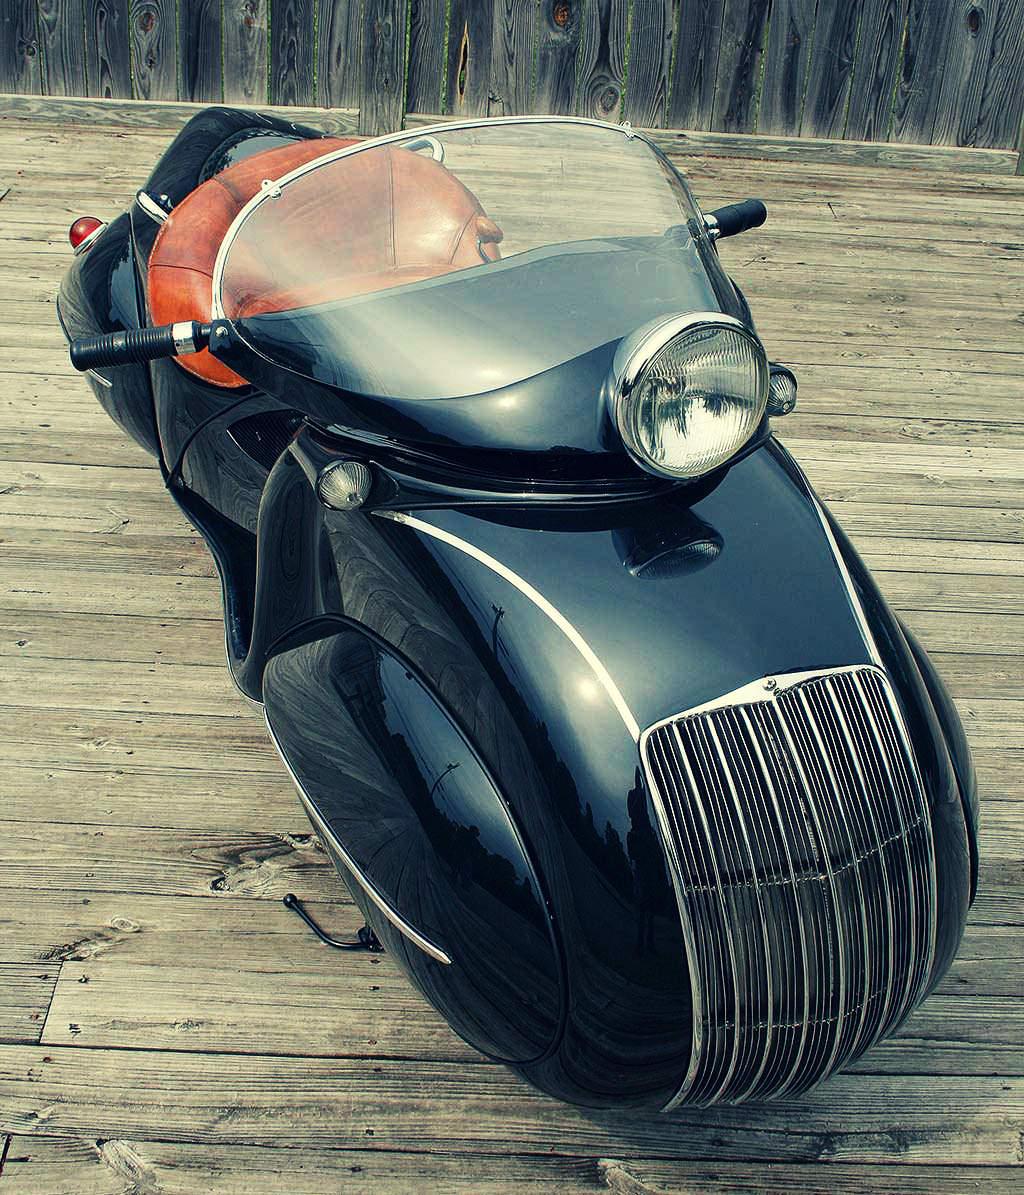 1930 Henderson Custom Motorcycle 2 1930 Henderson Custom Motorcycle